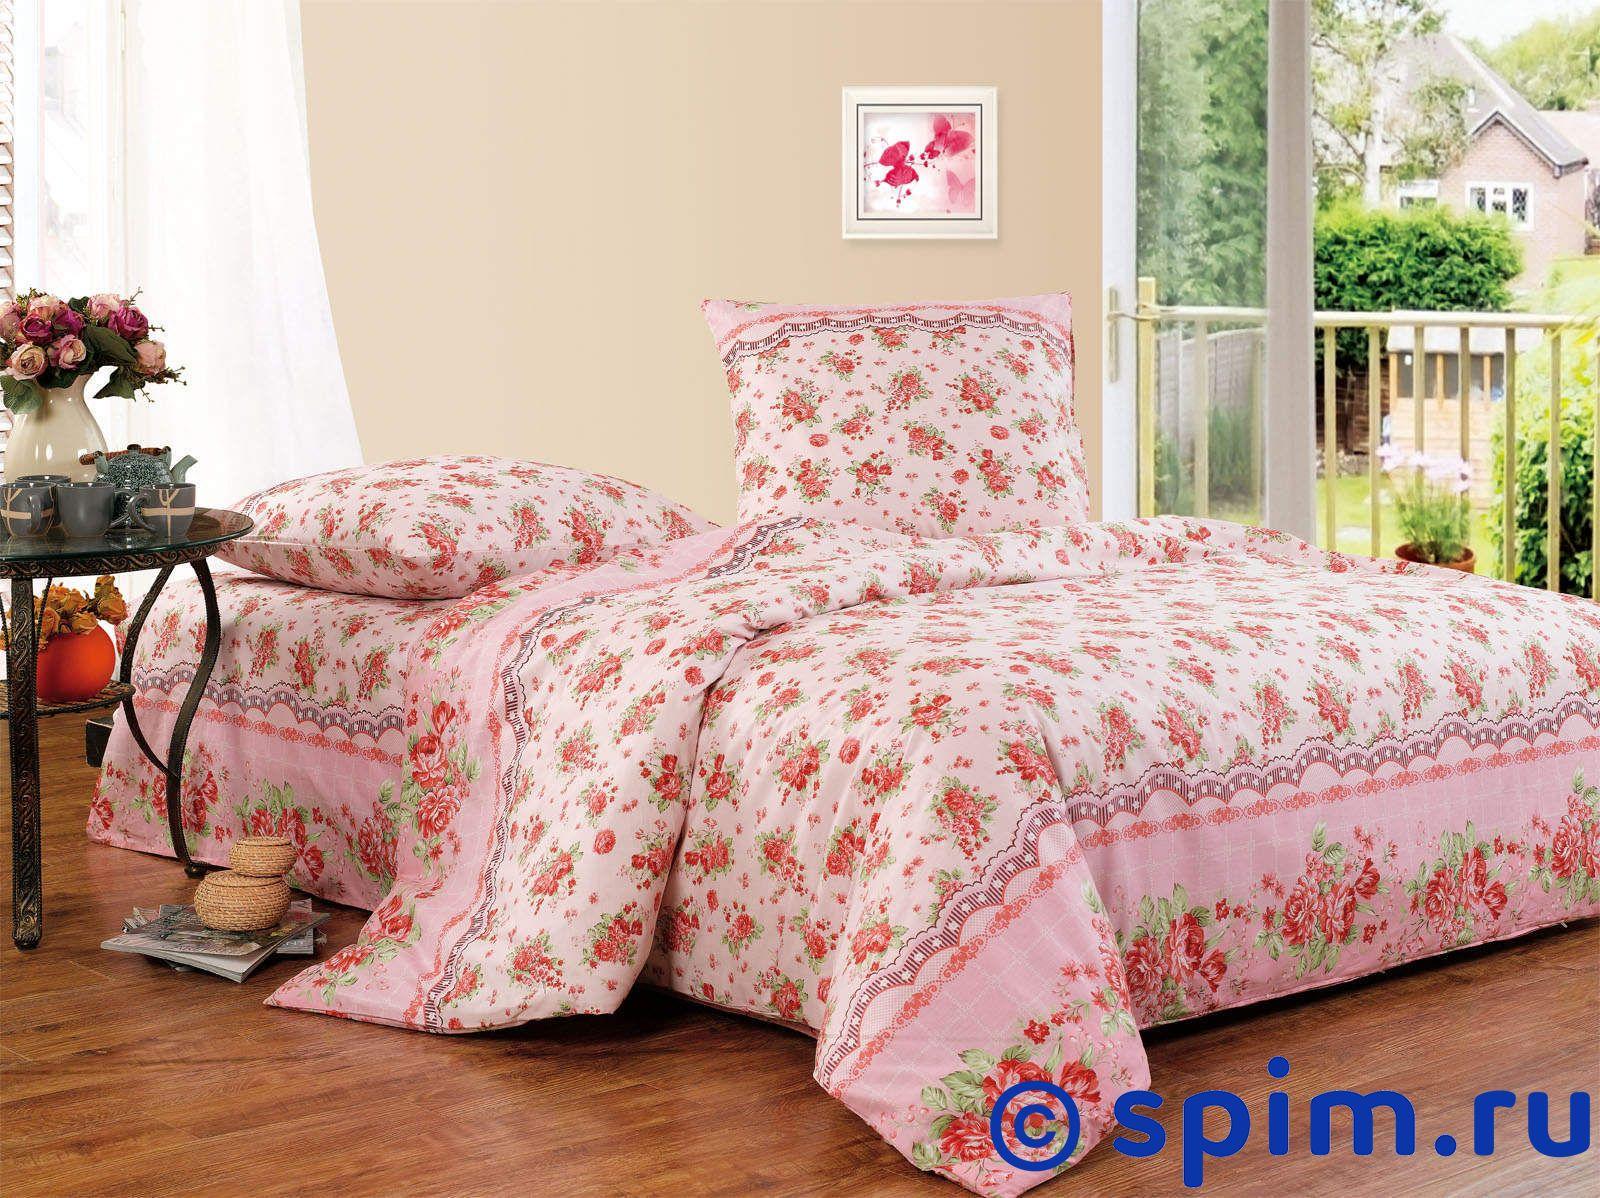 Комплект СайлиД А123 1.5 спальное